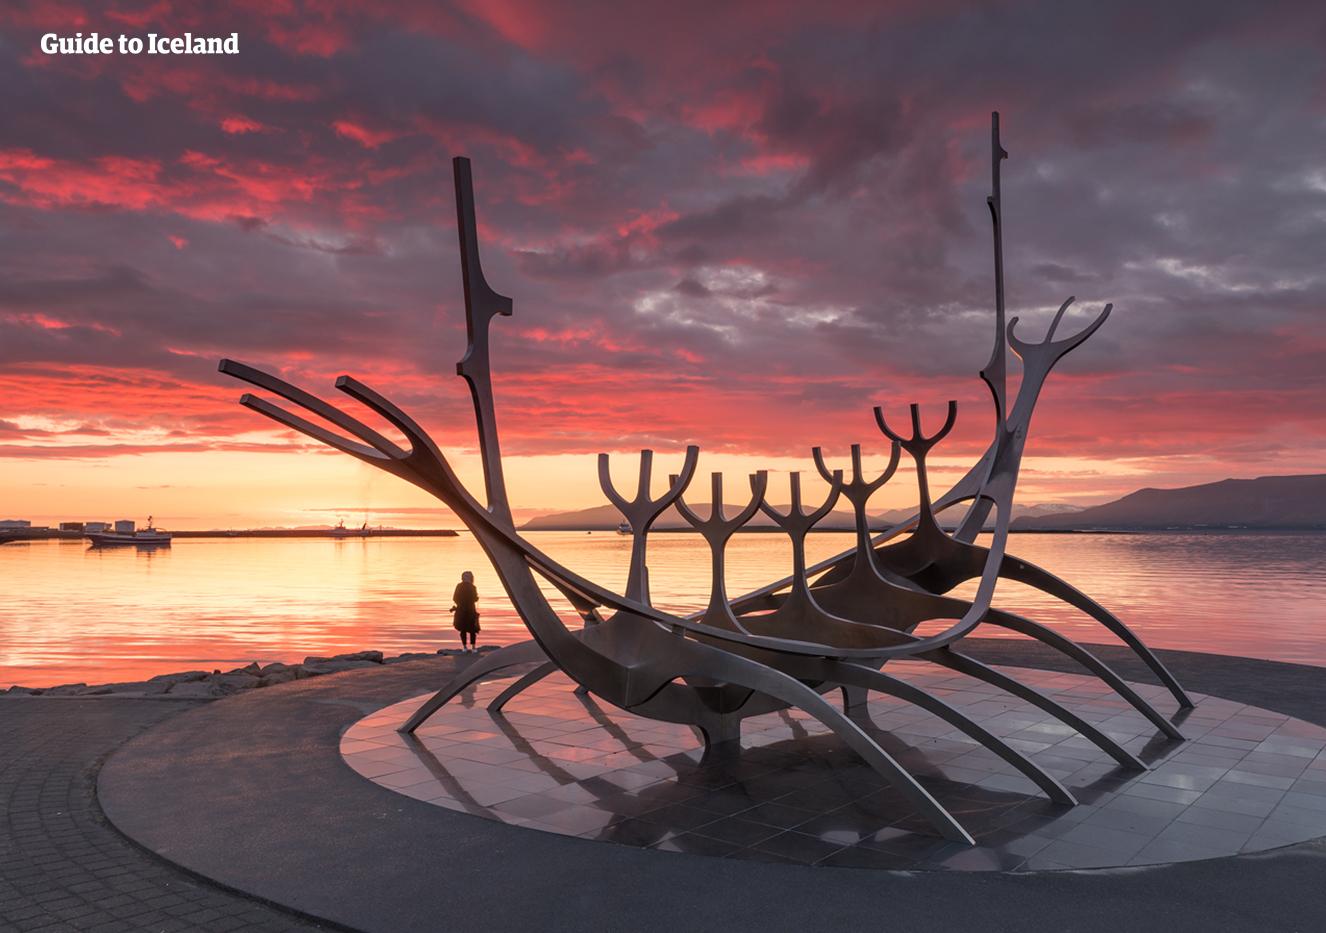 พระอาทิตย์นักเดินทางหรือโซลฟา(Sólfar) โดย โจน กันนาร์ อาร์นาร์ซัน (Jón Gunnar Árnason)